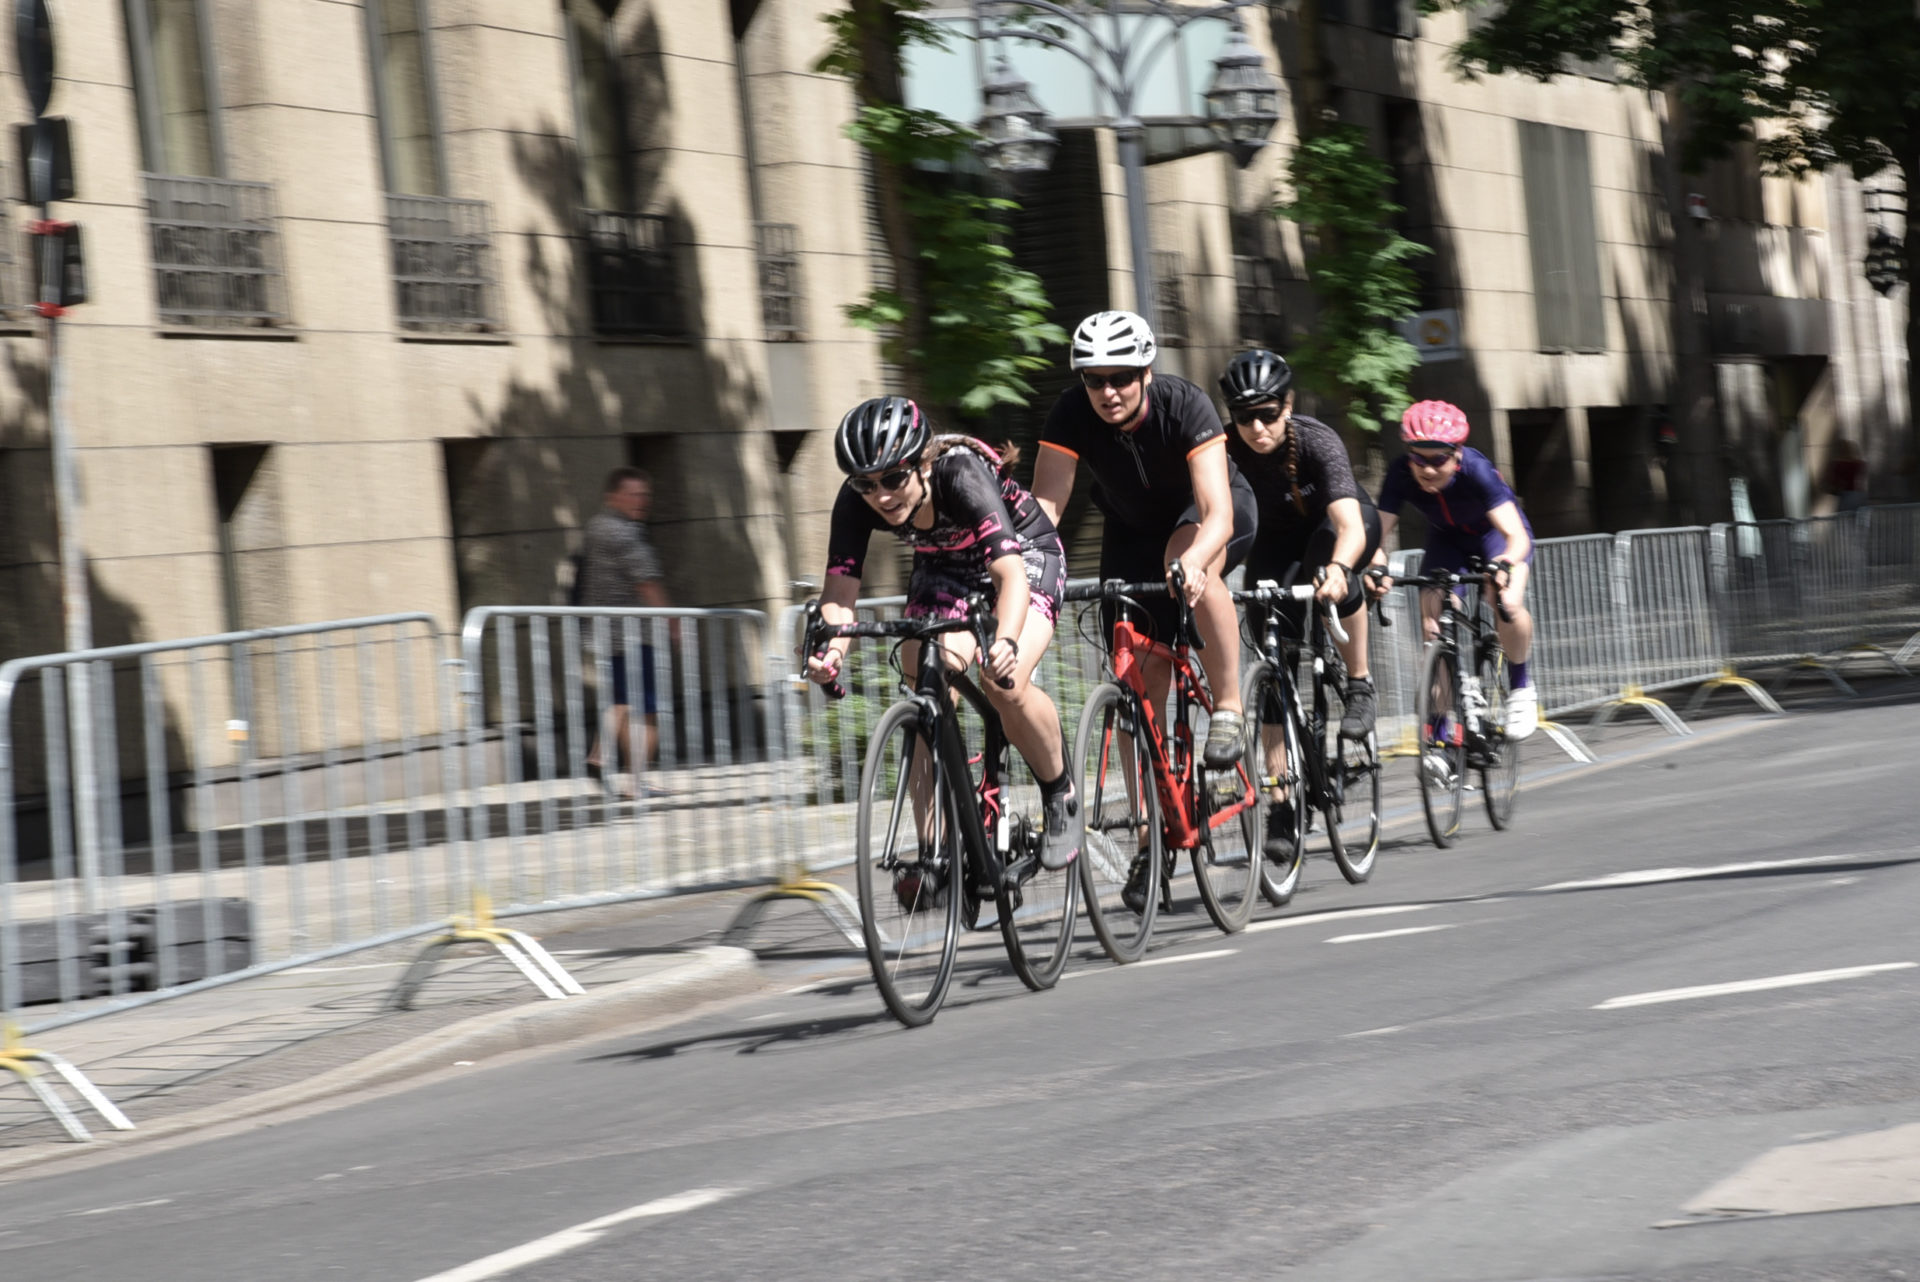 """Vierer-Team duelliert sich mit Viererteam: So wird es normalerweise beim Bahnradfahren ausgetragen, """"Rund um die Kö"""" bringt den Wettkampf auf die Straße. Foto: Kerstin Kortekamp"""